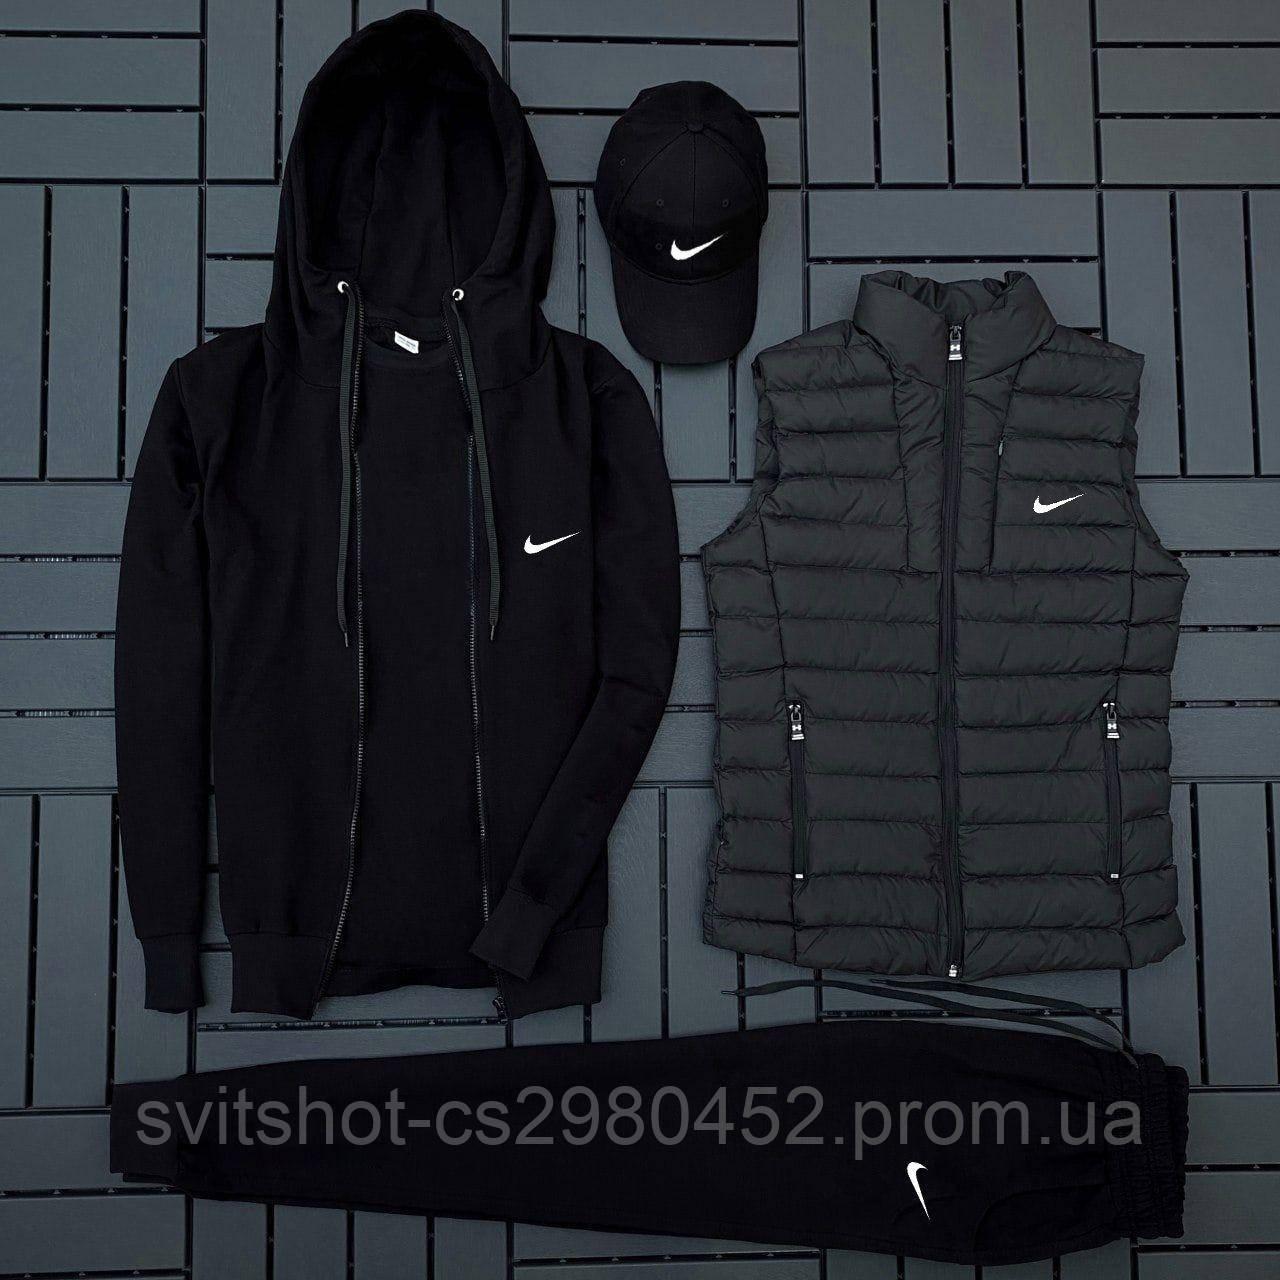 Спортивный костюм Nike Комплект: (кофта + штаны + жилетка)